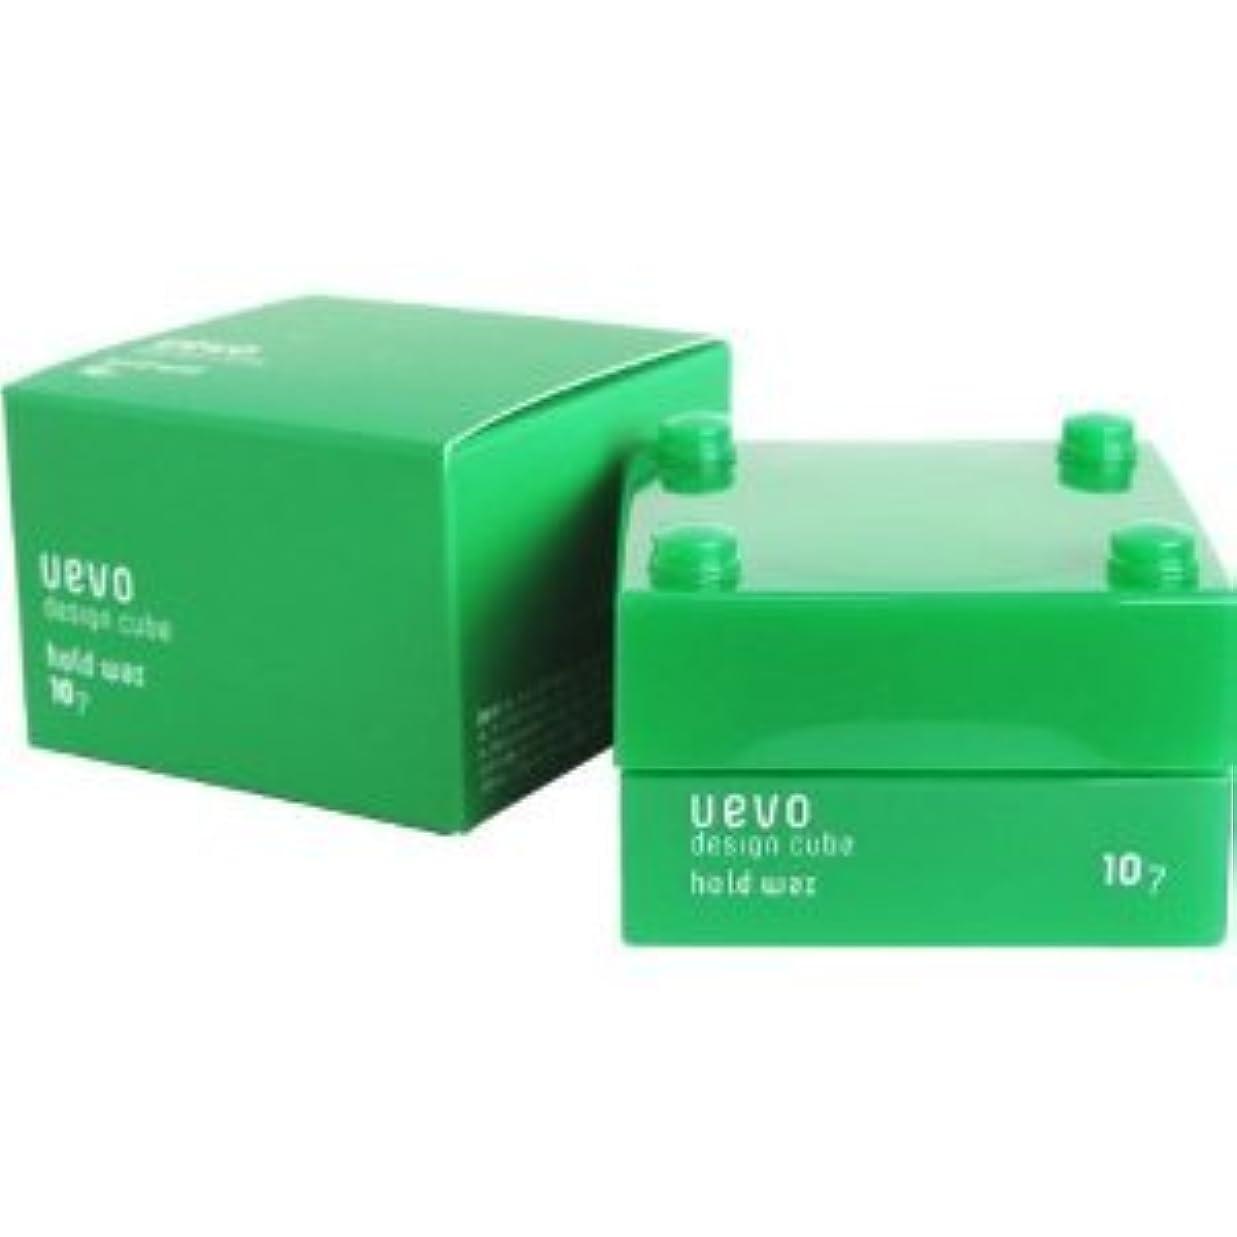 憲法ありがたい老朽化した【X3個セット】 デミ ウェーボ デザインキューブ ホールドワックス 30g hold wax DEMI uevo design cube